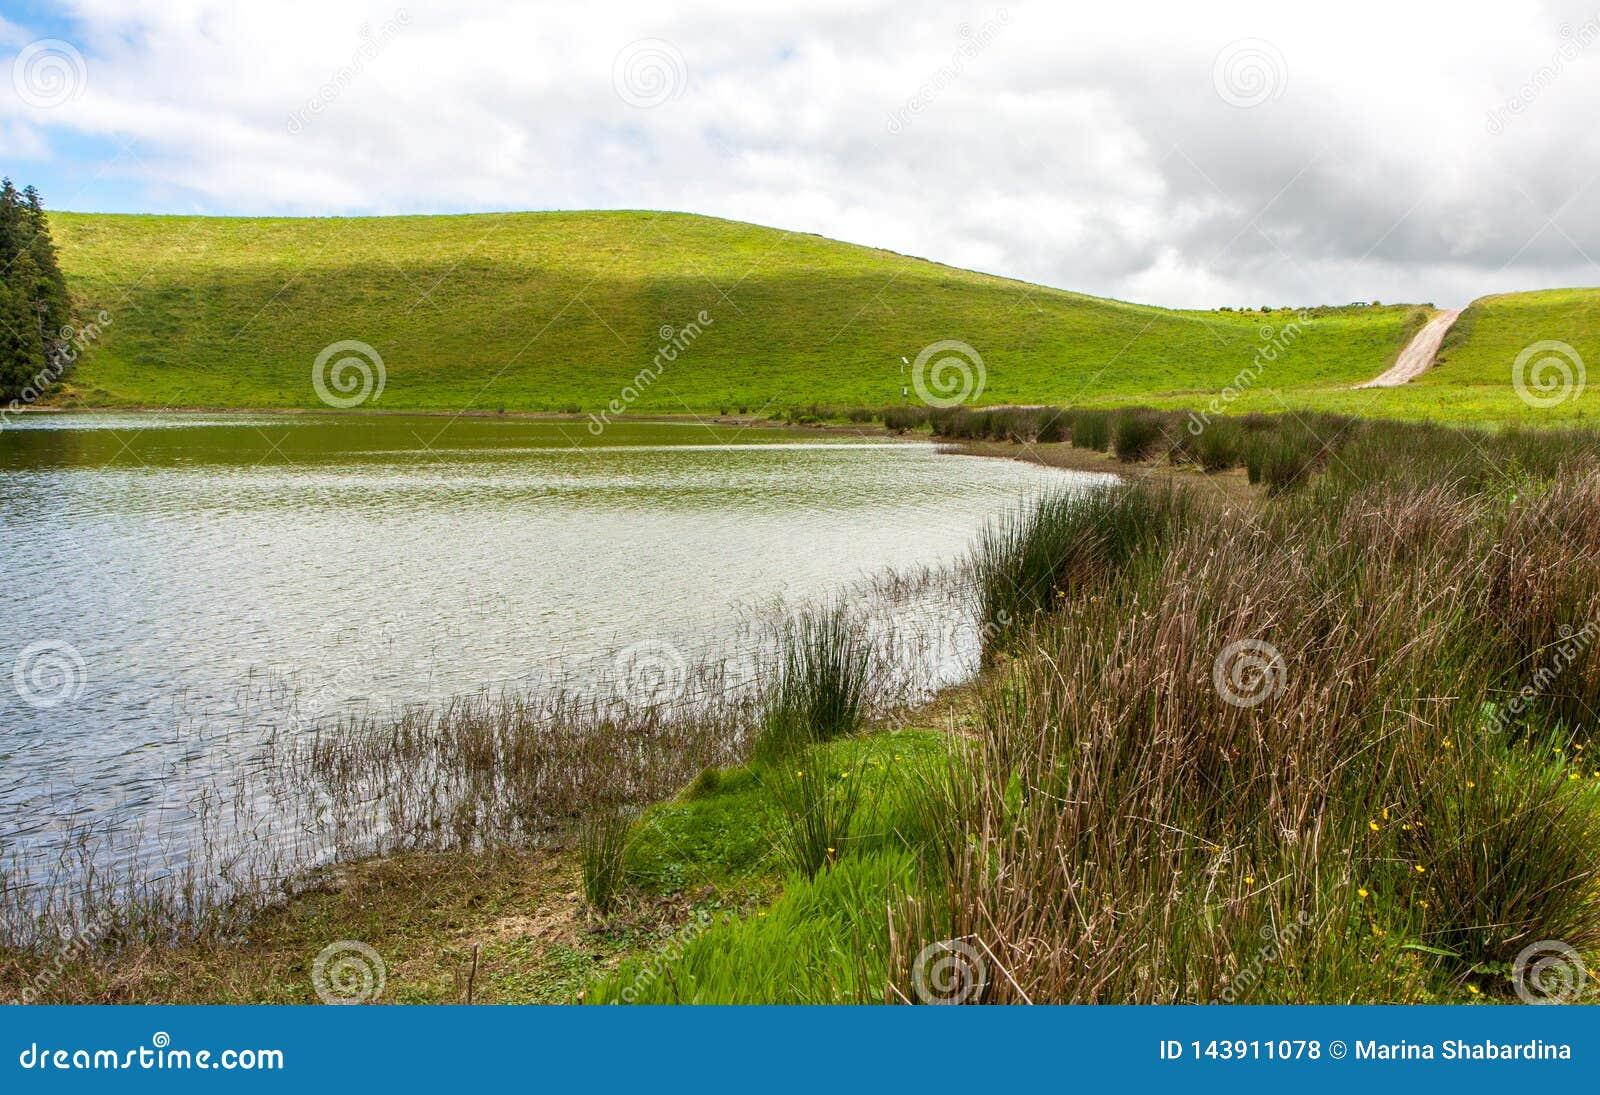 Härligt landskap på en solig molnig dag, med en sjö, en väg, kullar och växter